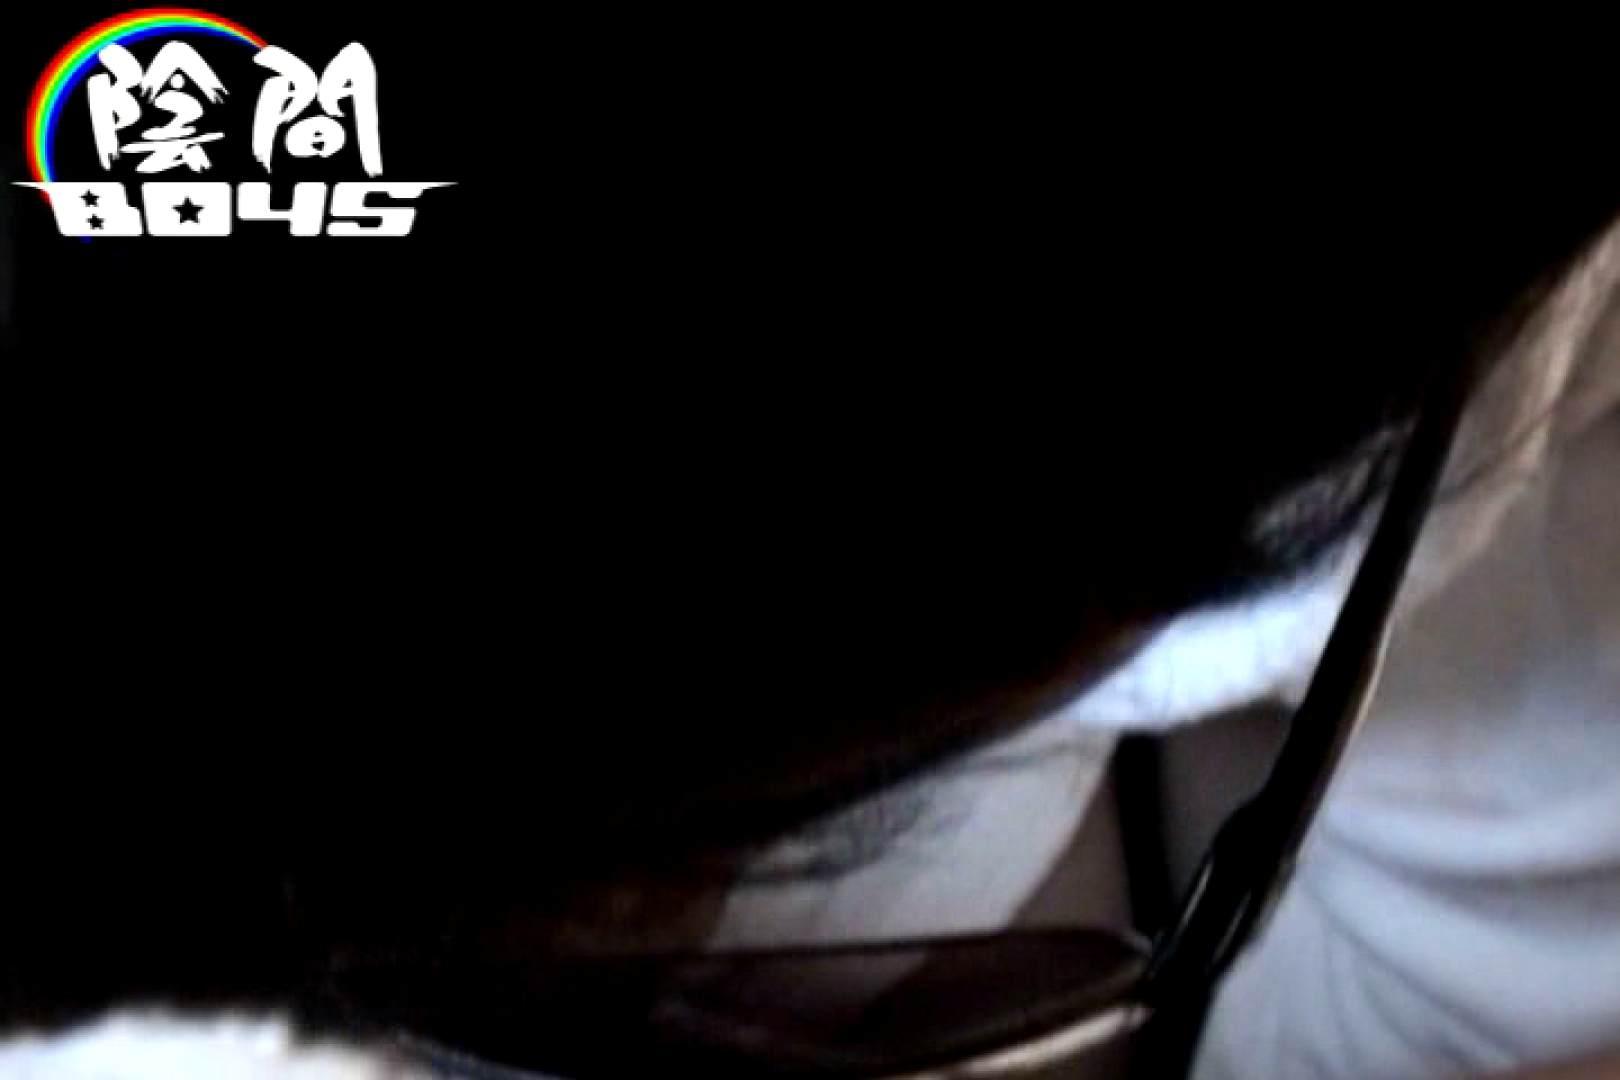 陰間BOYS~Mixed Hot-Guy~02 イケメン  106pic 37